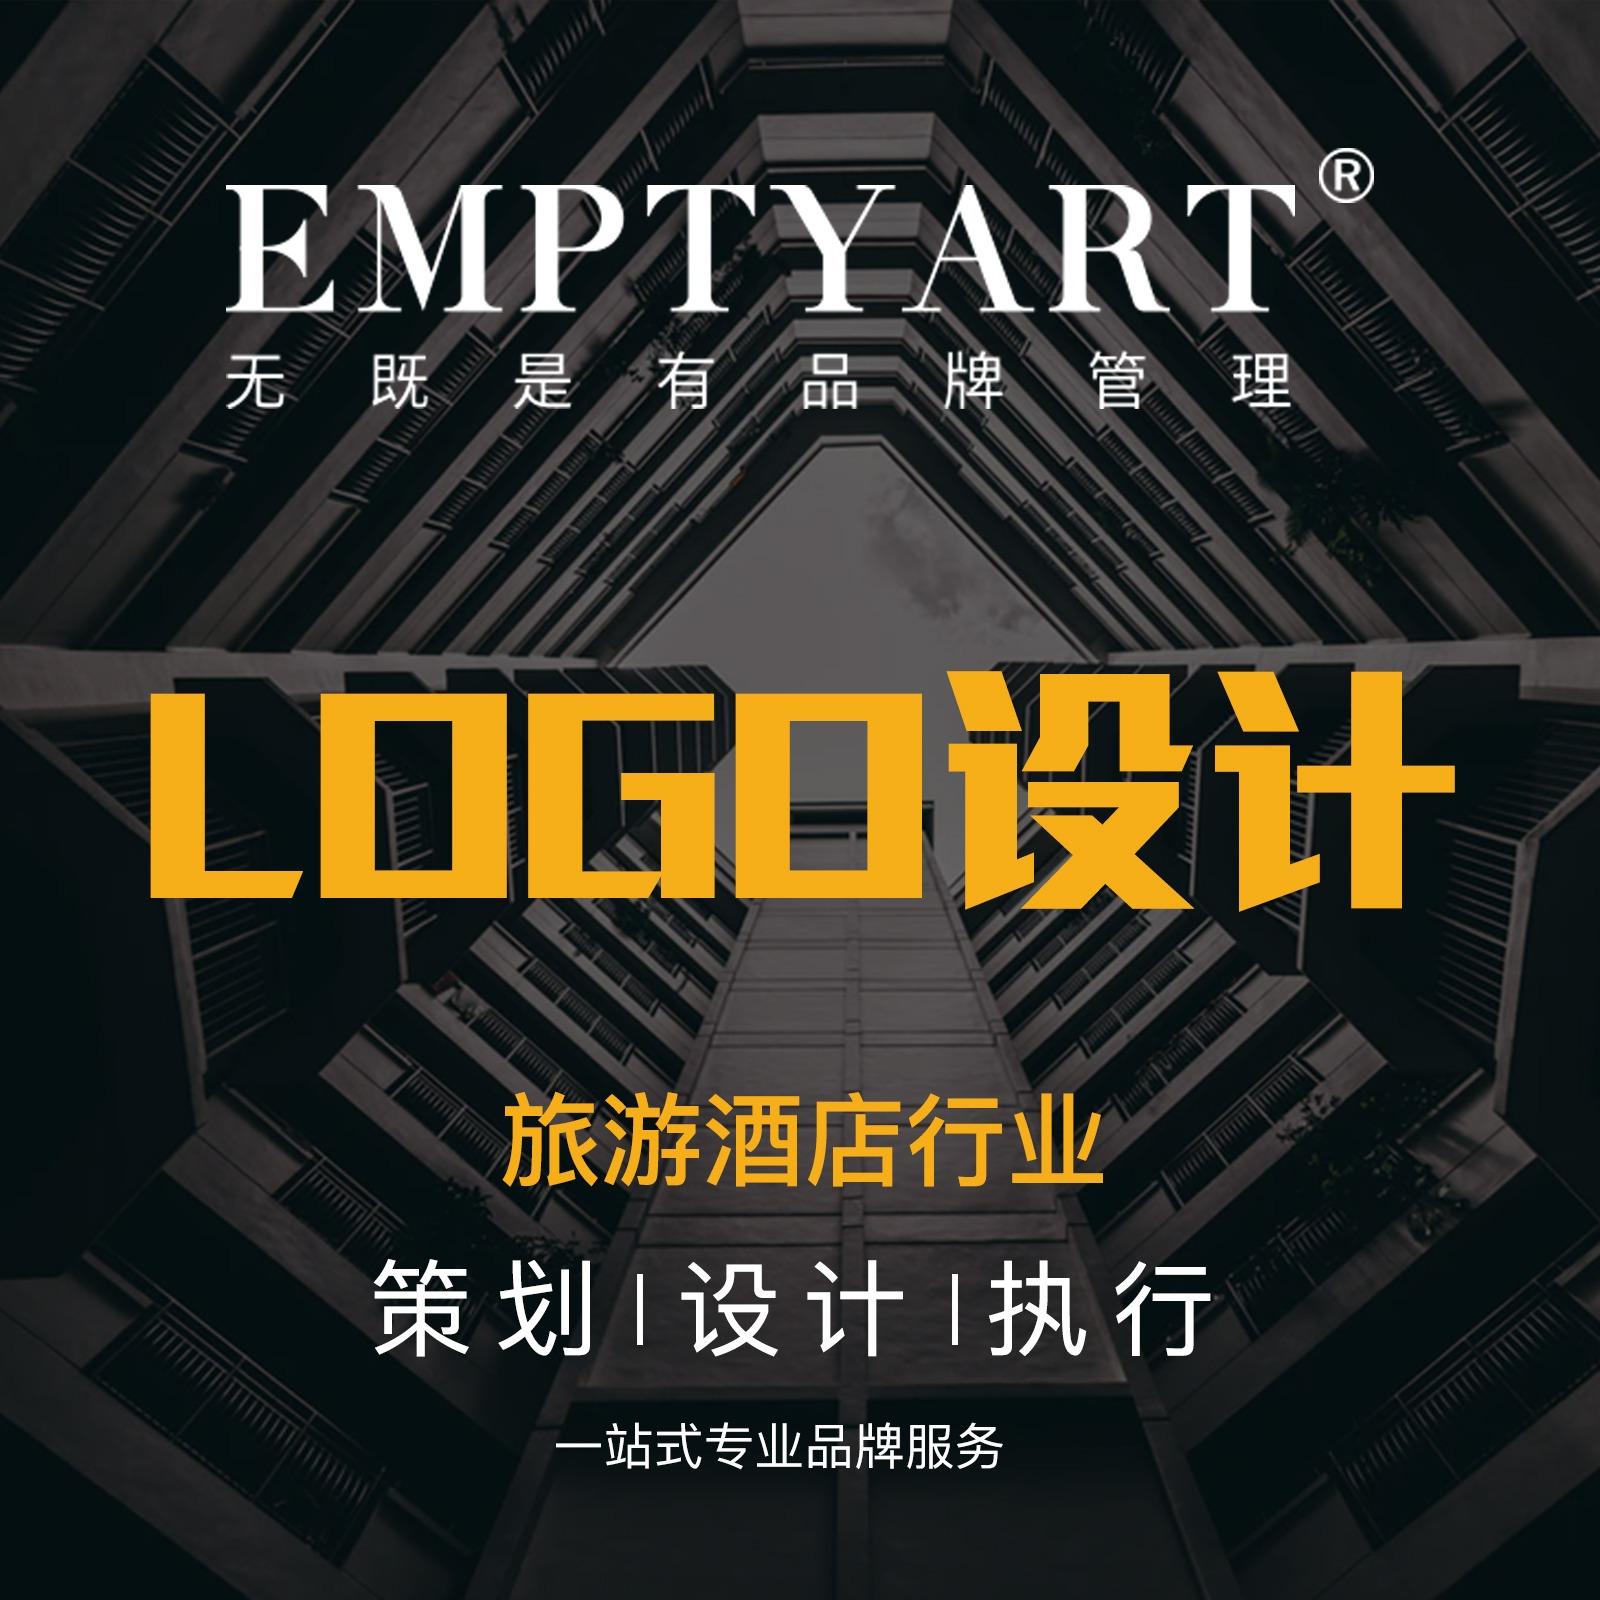 旅游酒店行业品牌<hl>logo设计</hl>原创标志商标<hl>LOGO</hl>图标